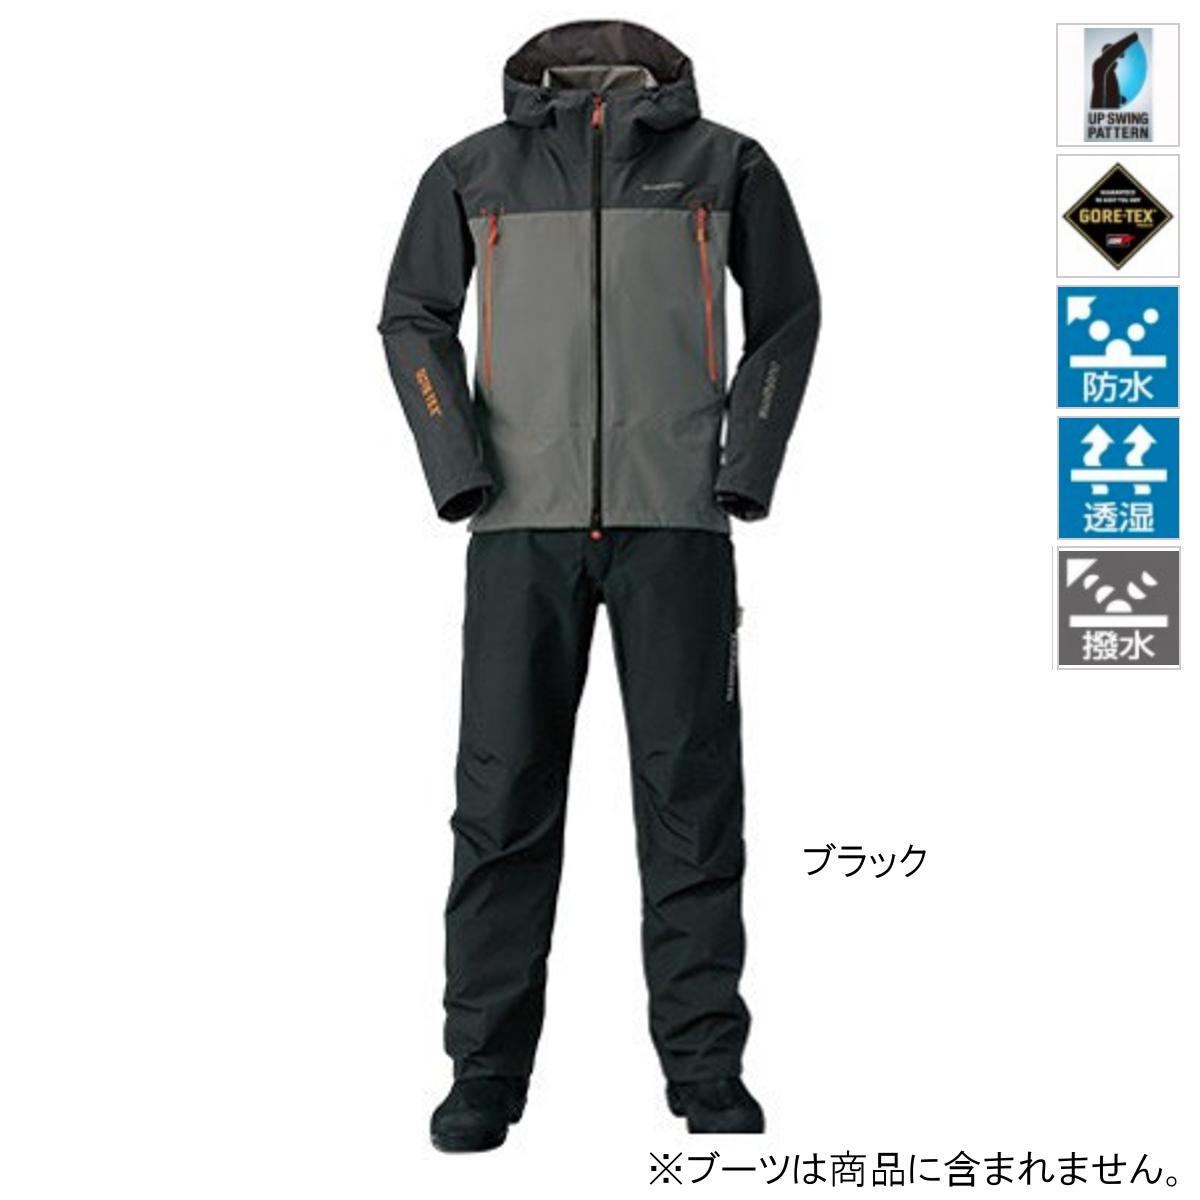 シマノ GORE-TEX ベーシックスーツ RA-017R M ブラック(東日本店)